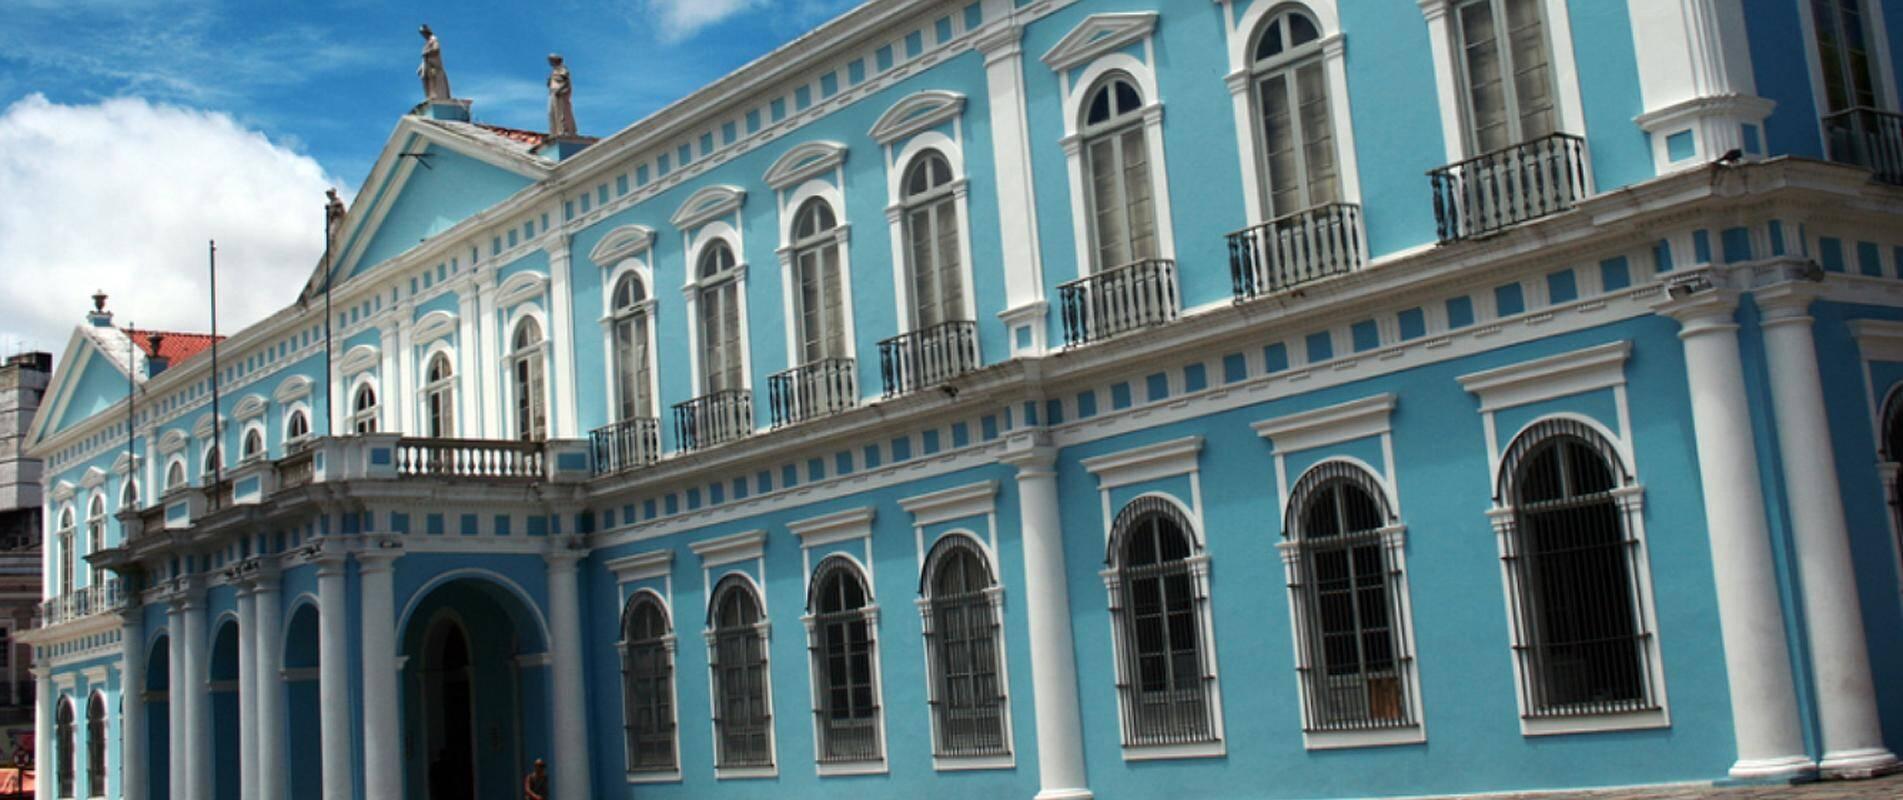 Outra opção para os turistas aproveitarem em Belém é o Museu de Arte de Belém, uma relíquia histórica e cultural. Foto: Divulgação